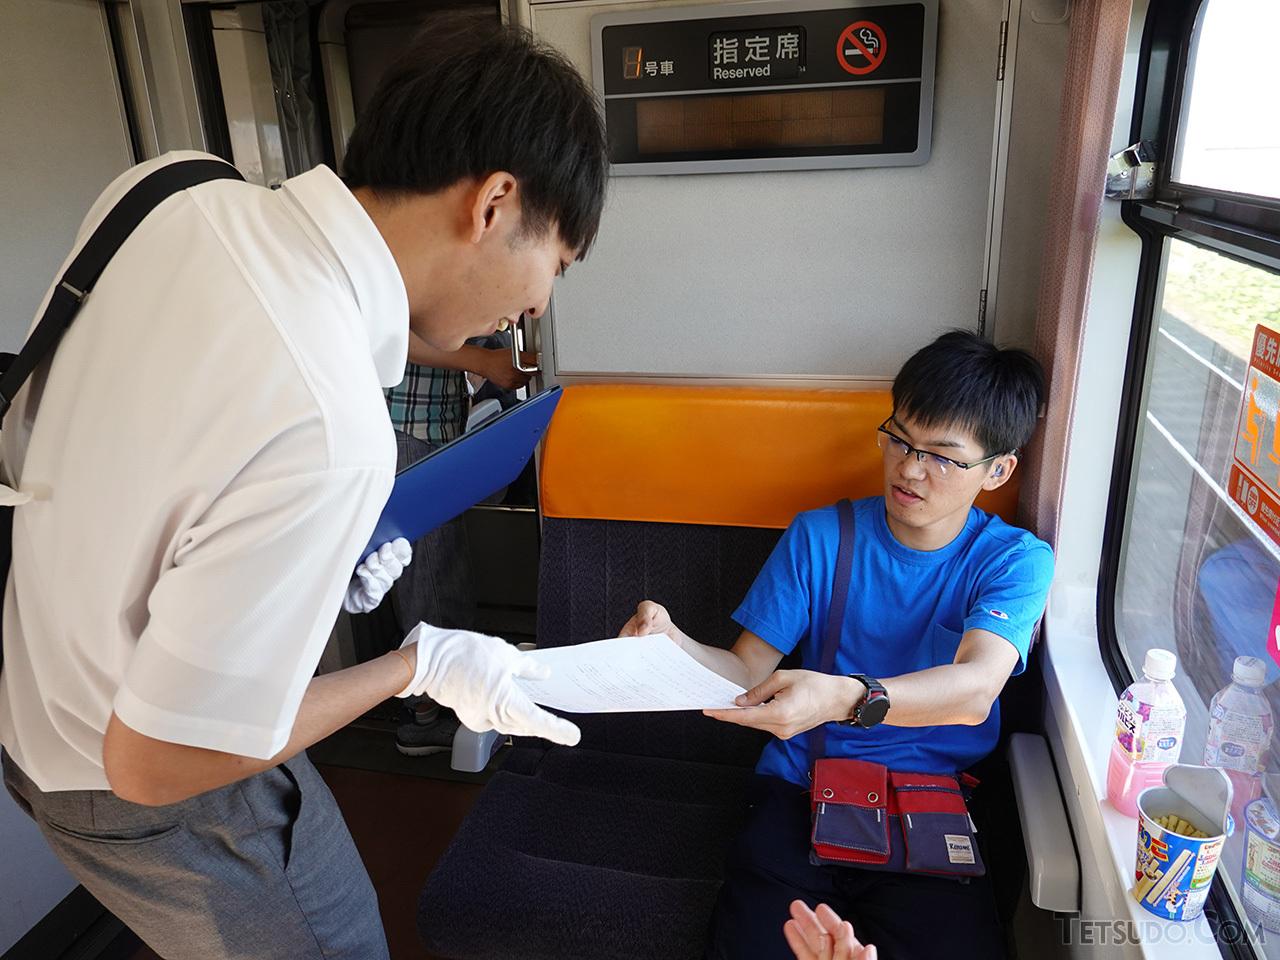 スタッフも森さんのJR東海完乗は今知ったとのことで、急遽鈴木さんの放送原稿をプレゼント